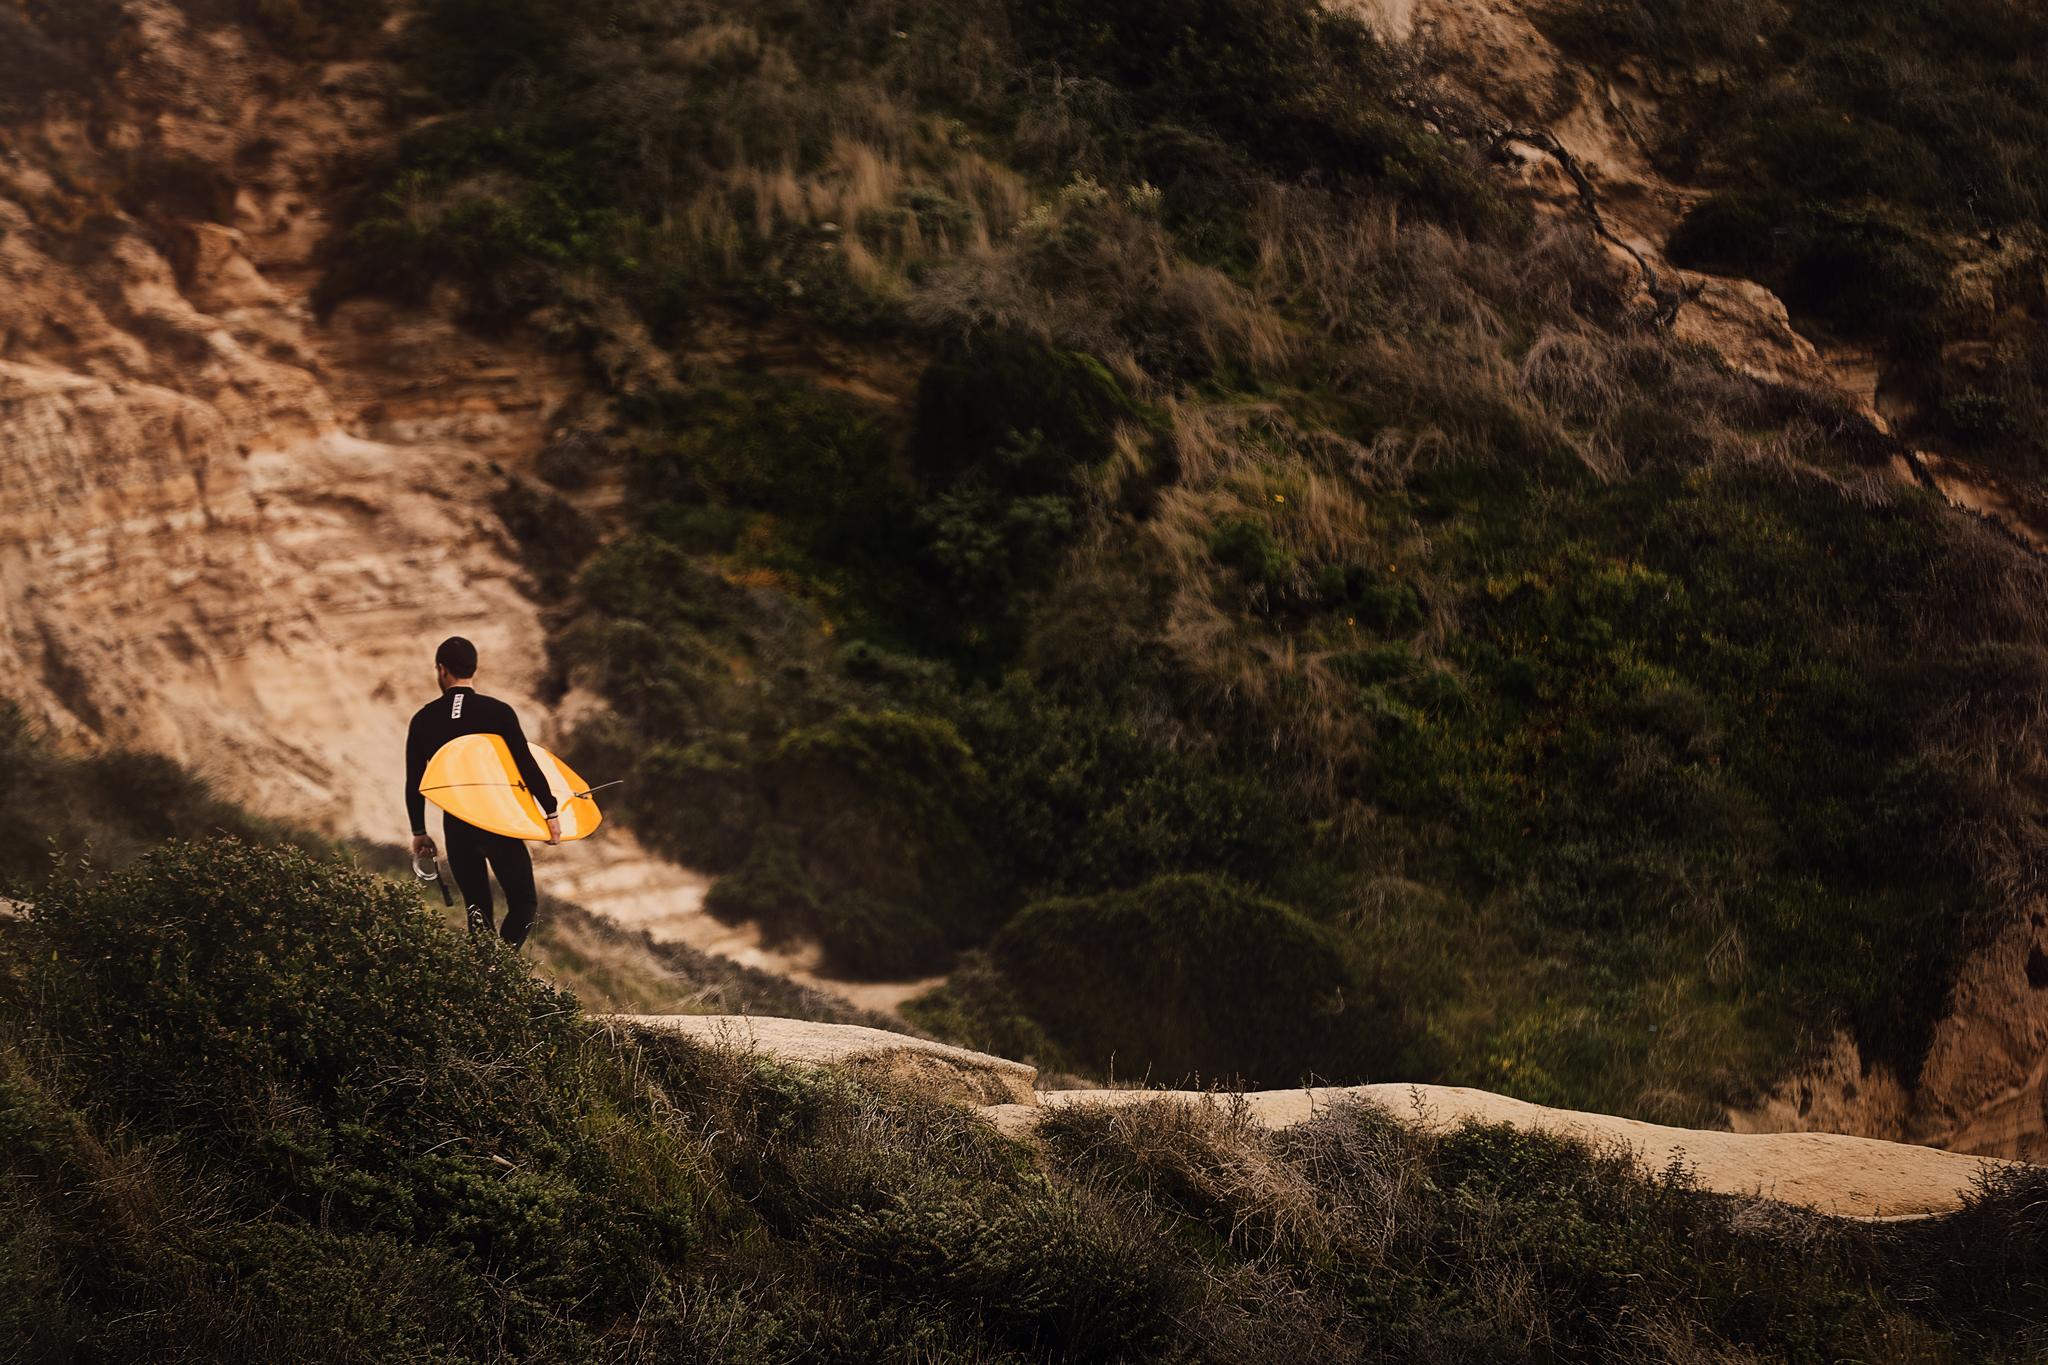 Commercial-Photographer-Brandon_Tigrett_SD-Surfer-00001.jpg